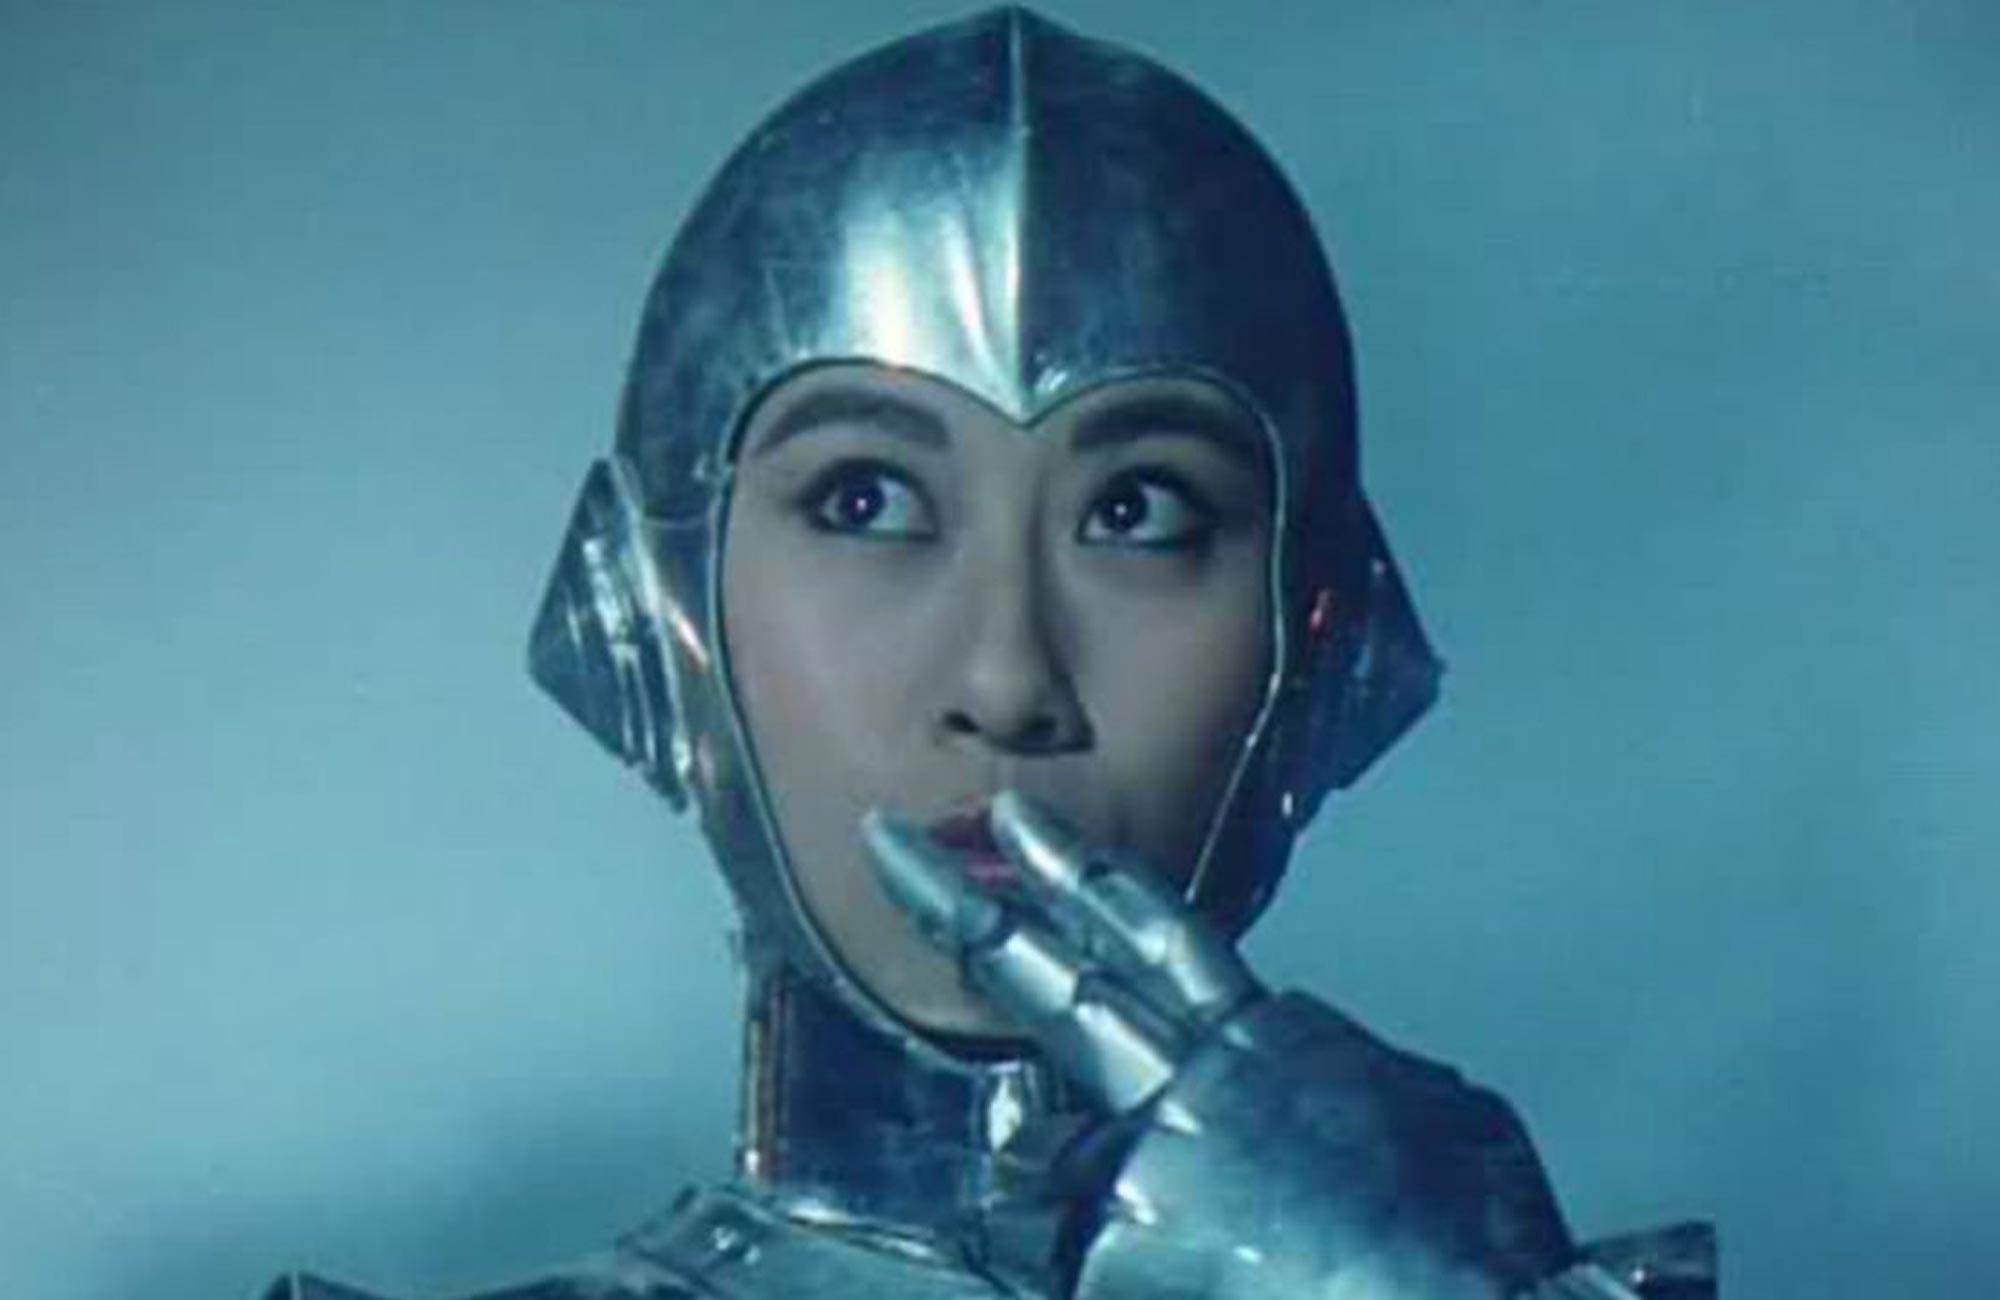 Hong Kong Battle Robots